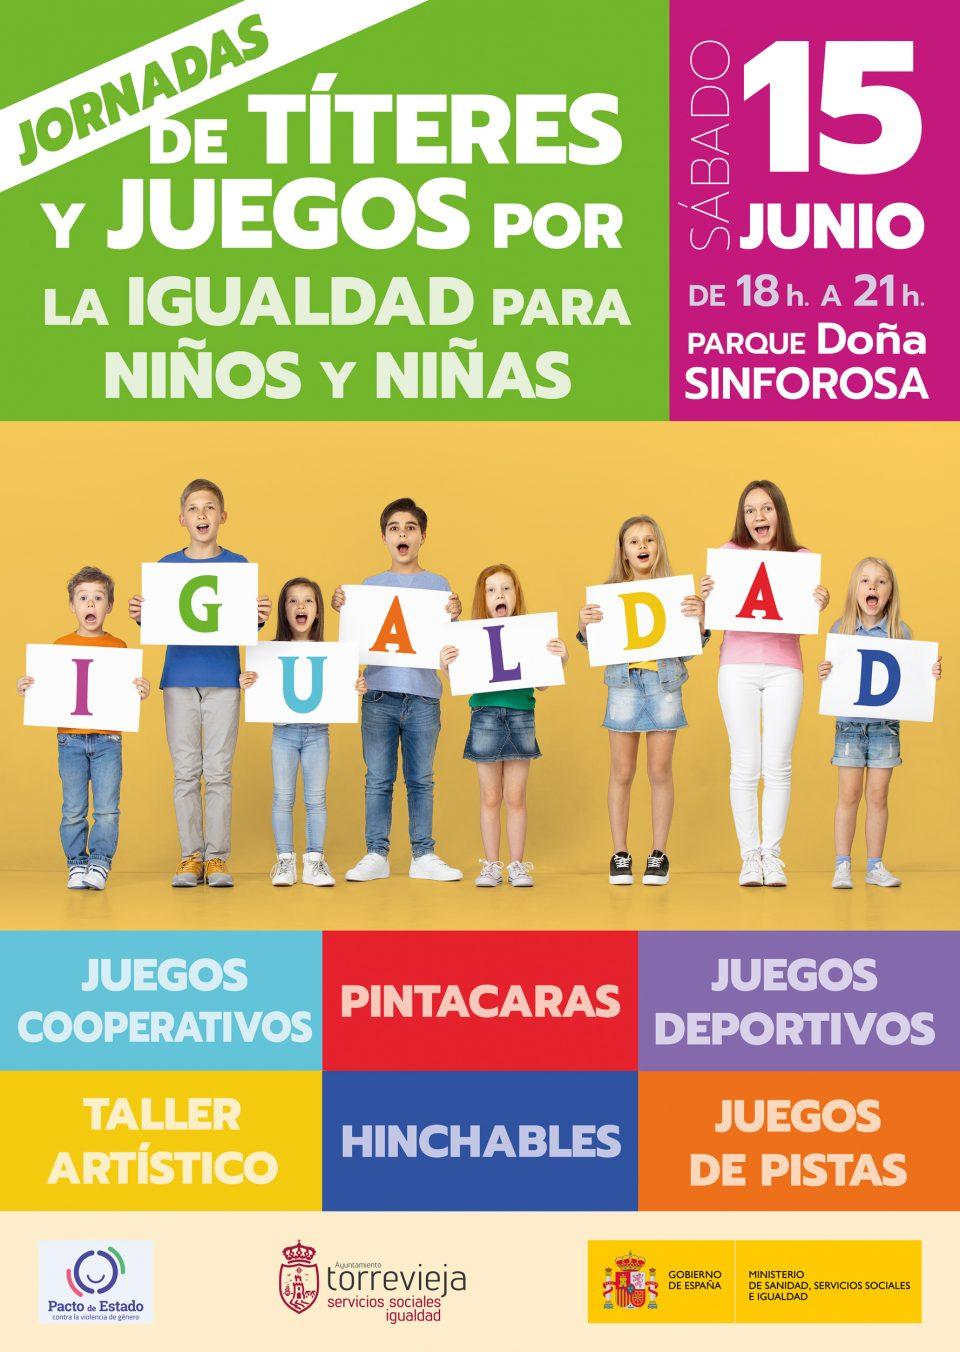 Torrevieja arranca hoy las actividades por la igualdad 6